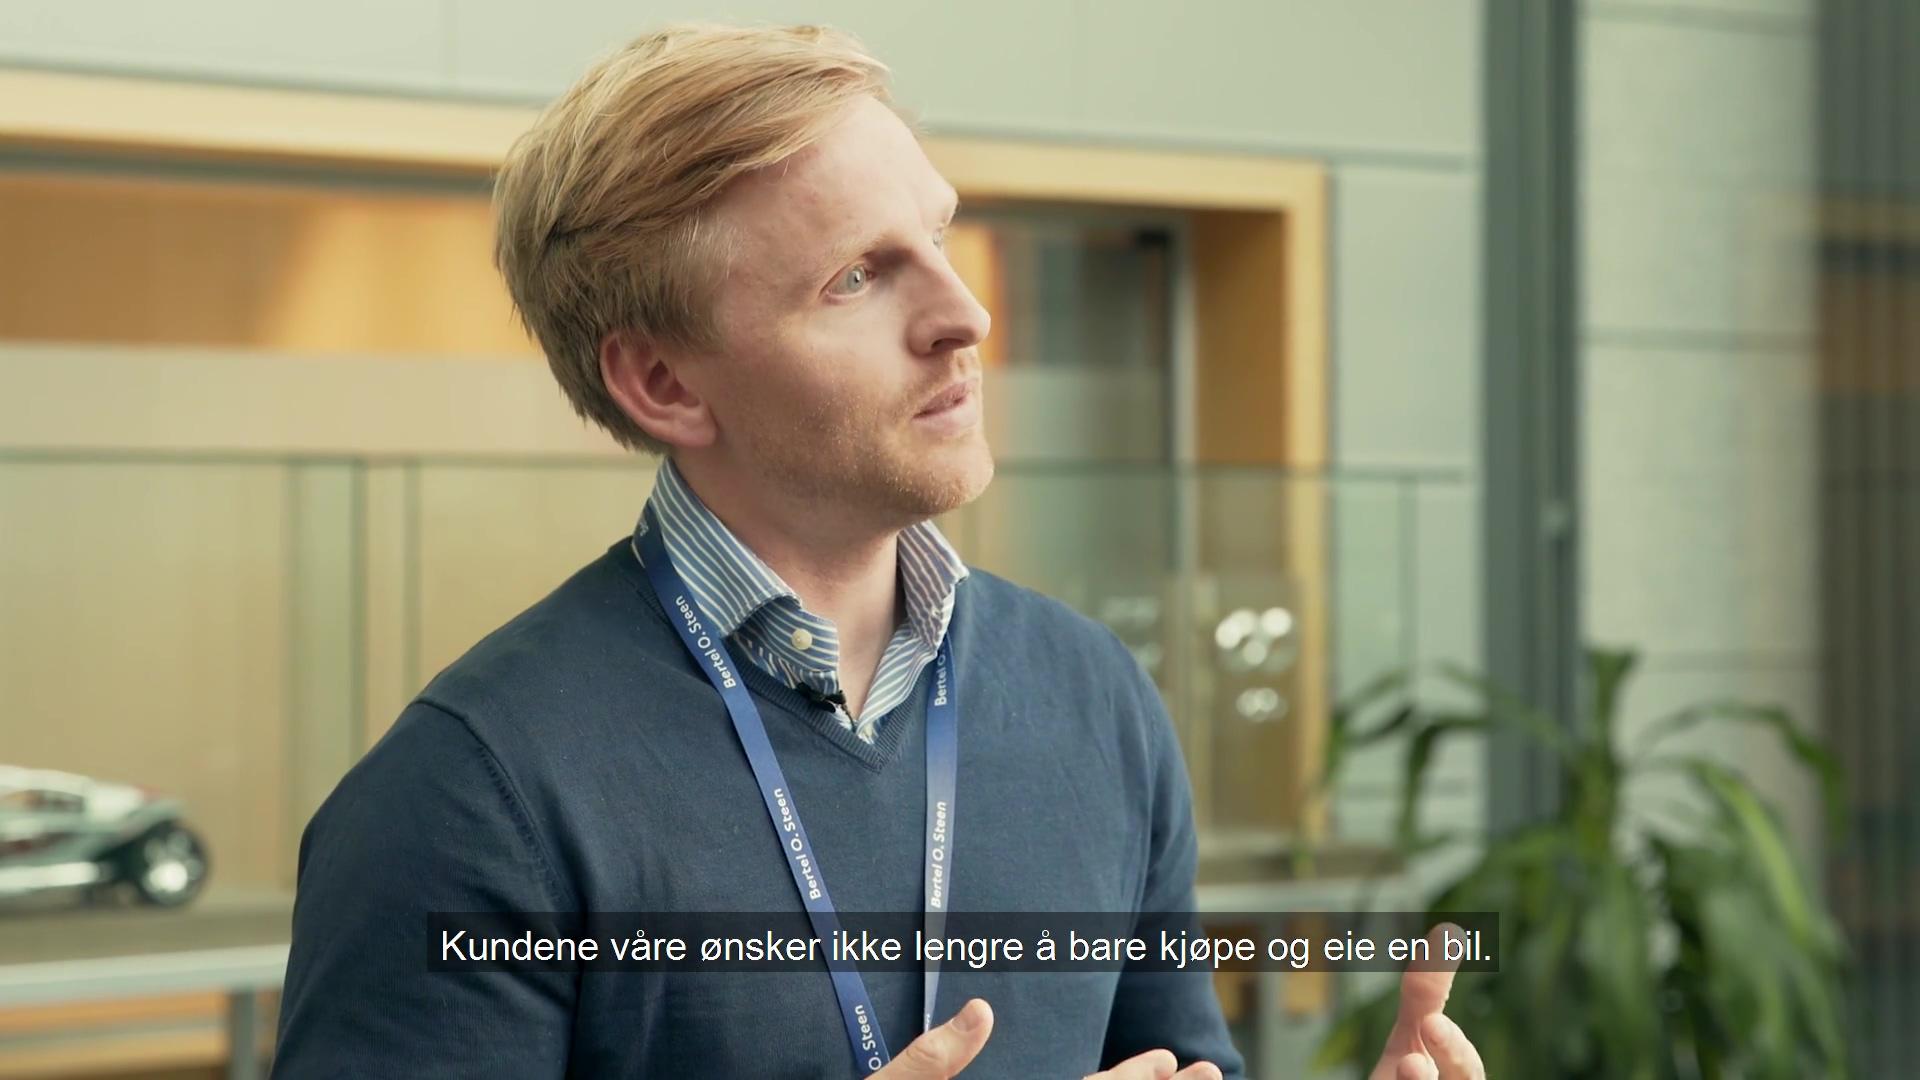 Communicate_Kundehistorie_Bertel_O_Steen_MASTER_NO